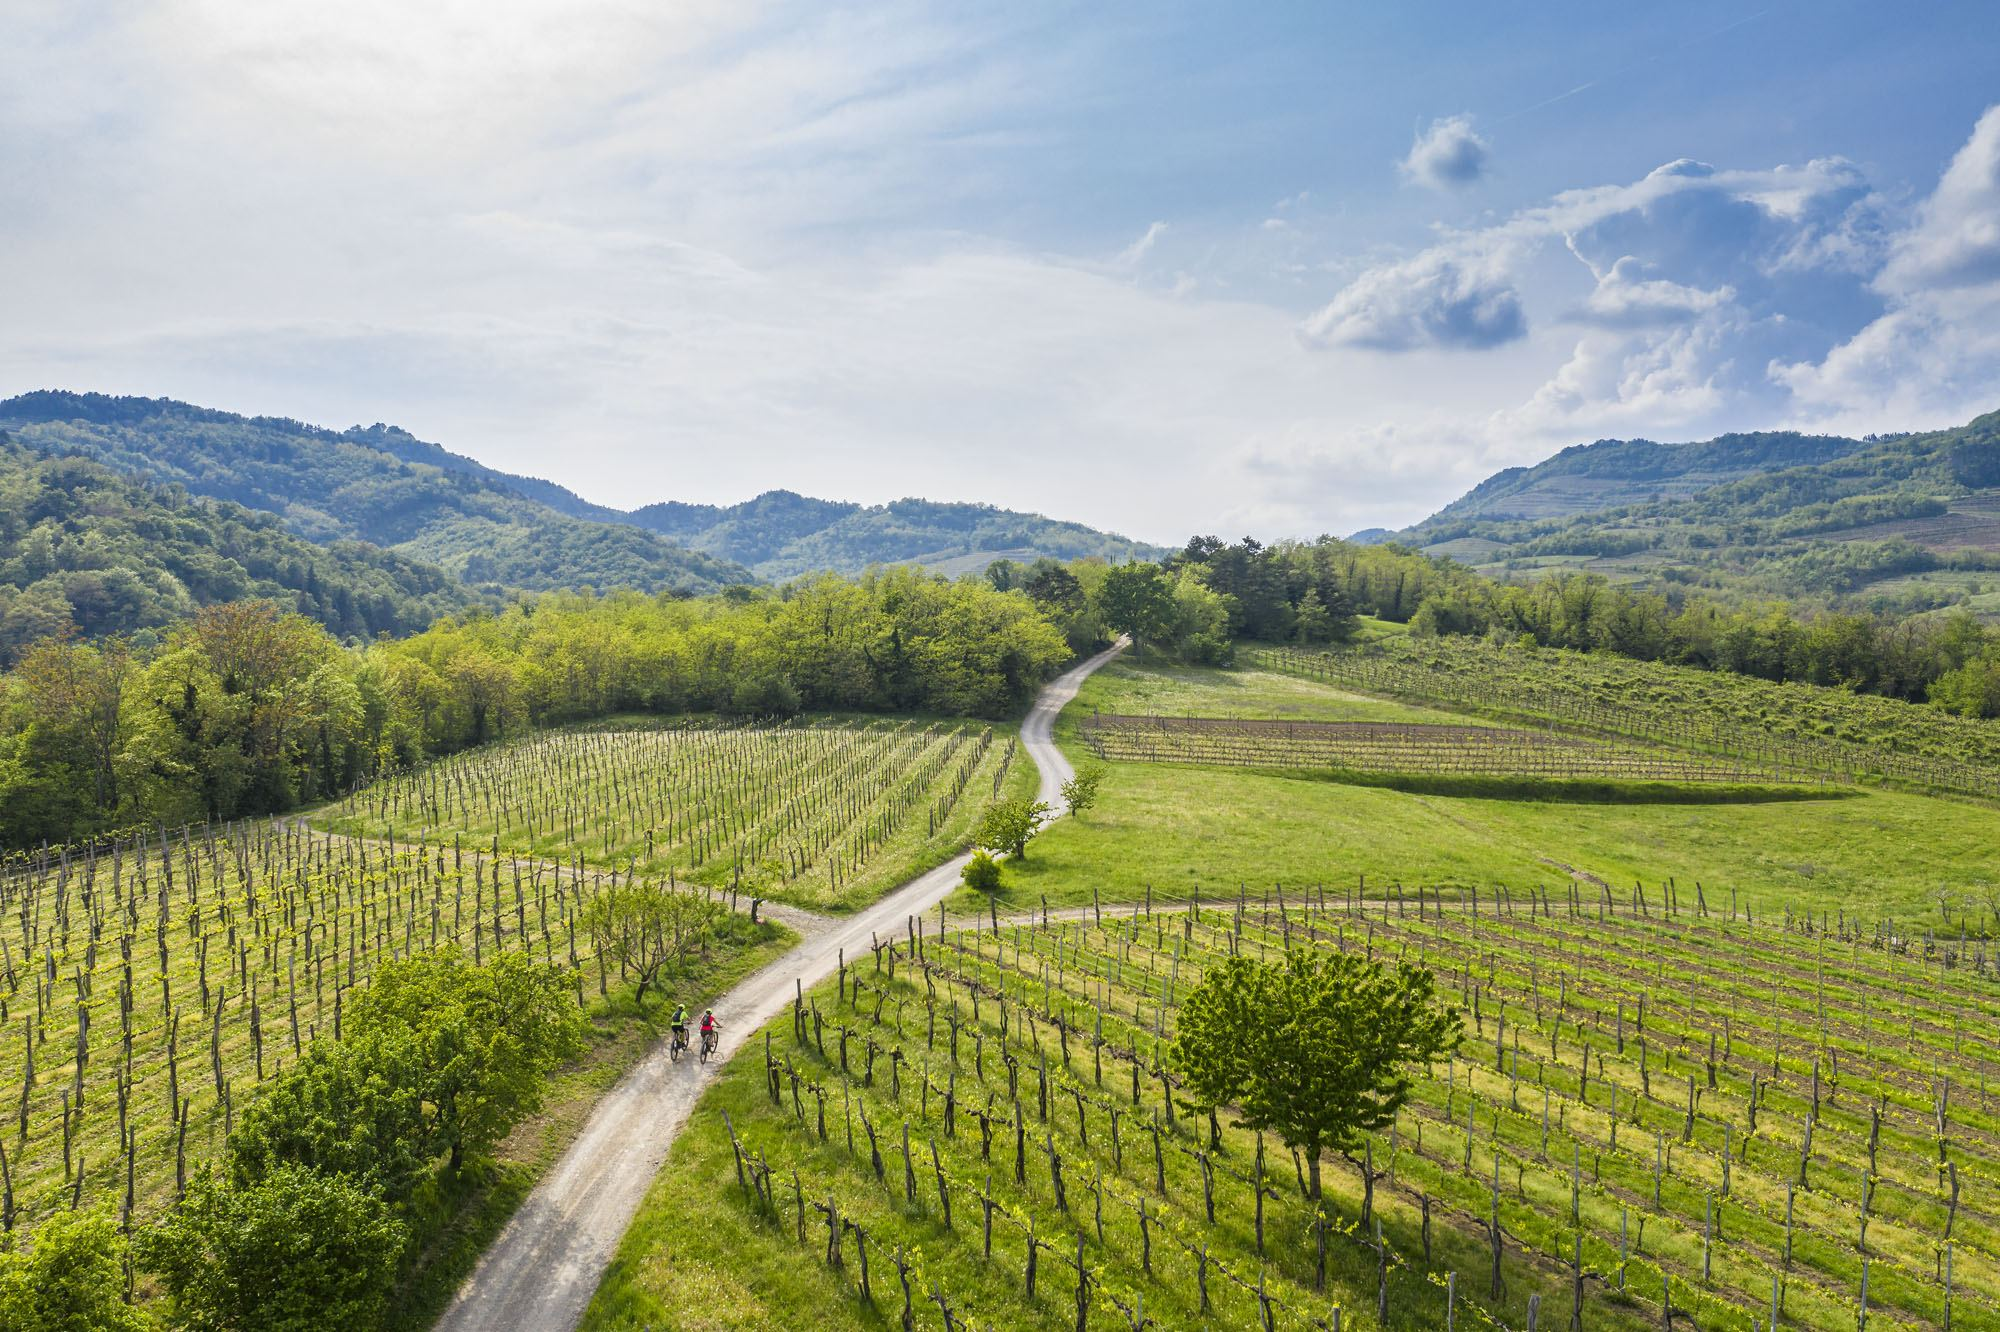 Vinice, Vipavská dolina, Slovinsko. Foto: Uroš Rojc